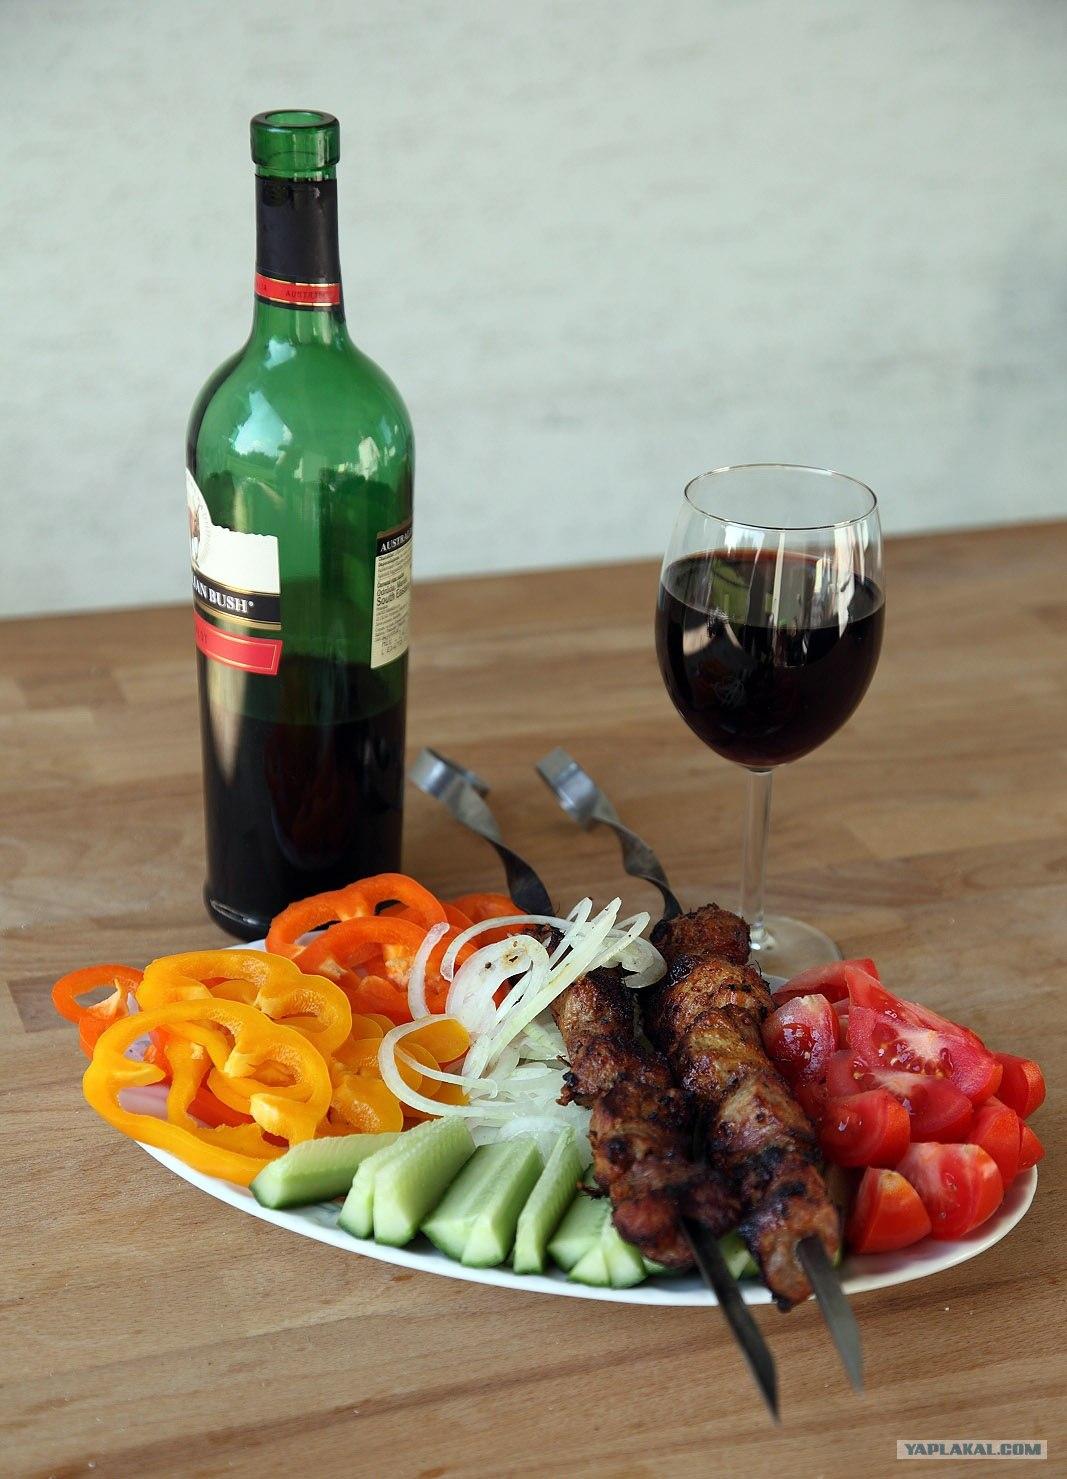 фото стол с вином и шашлыком этой удивительной